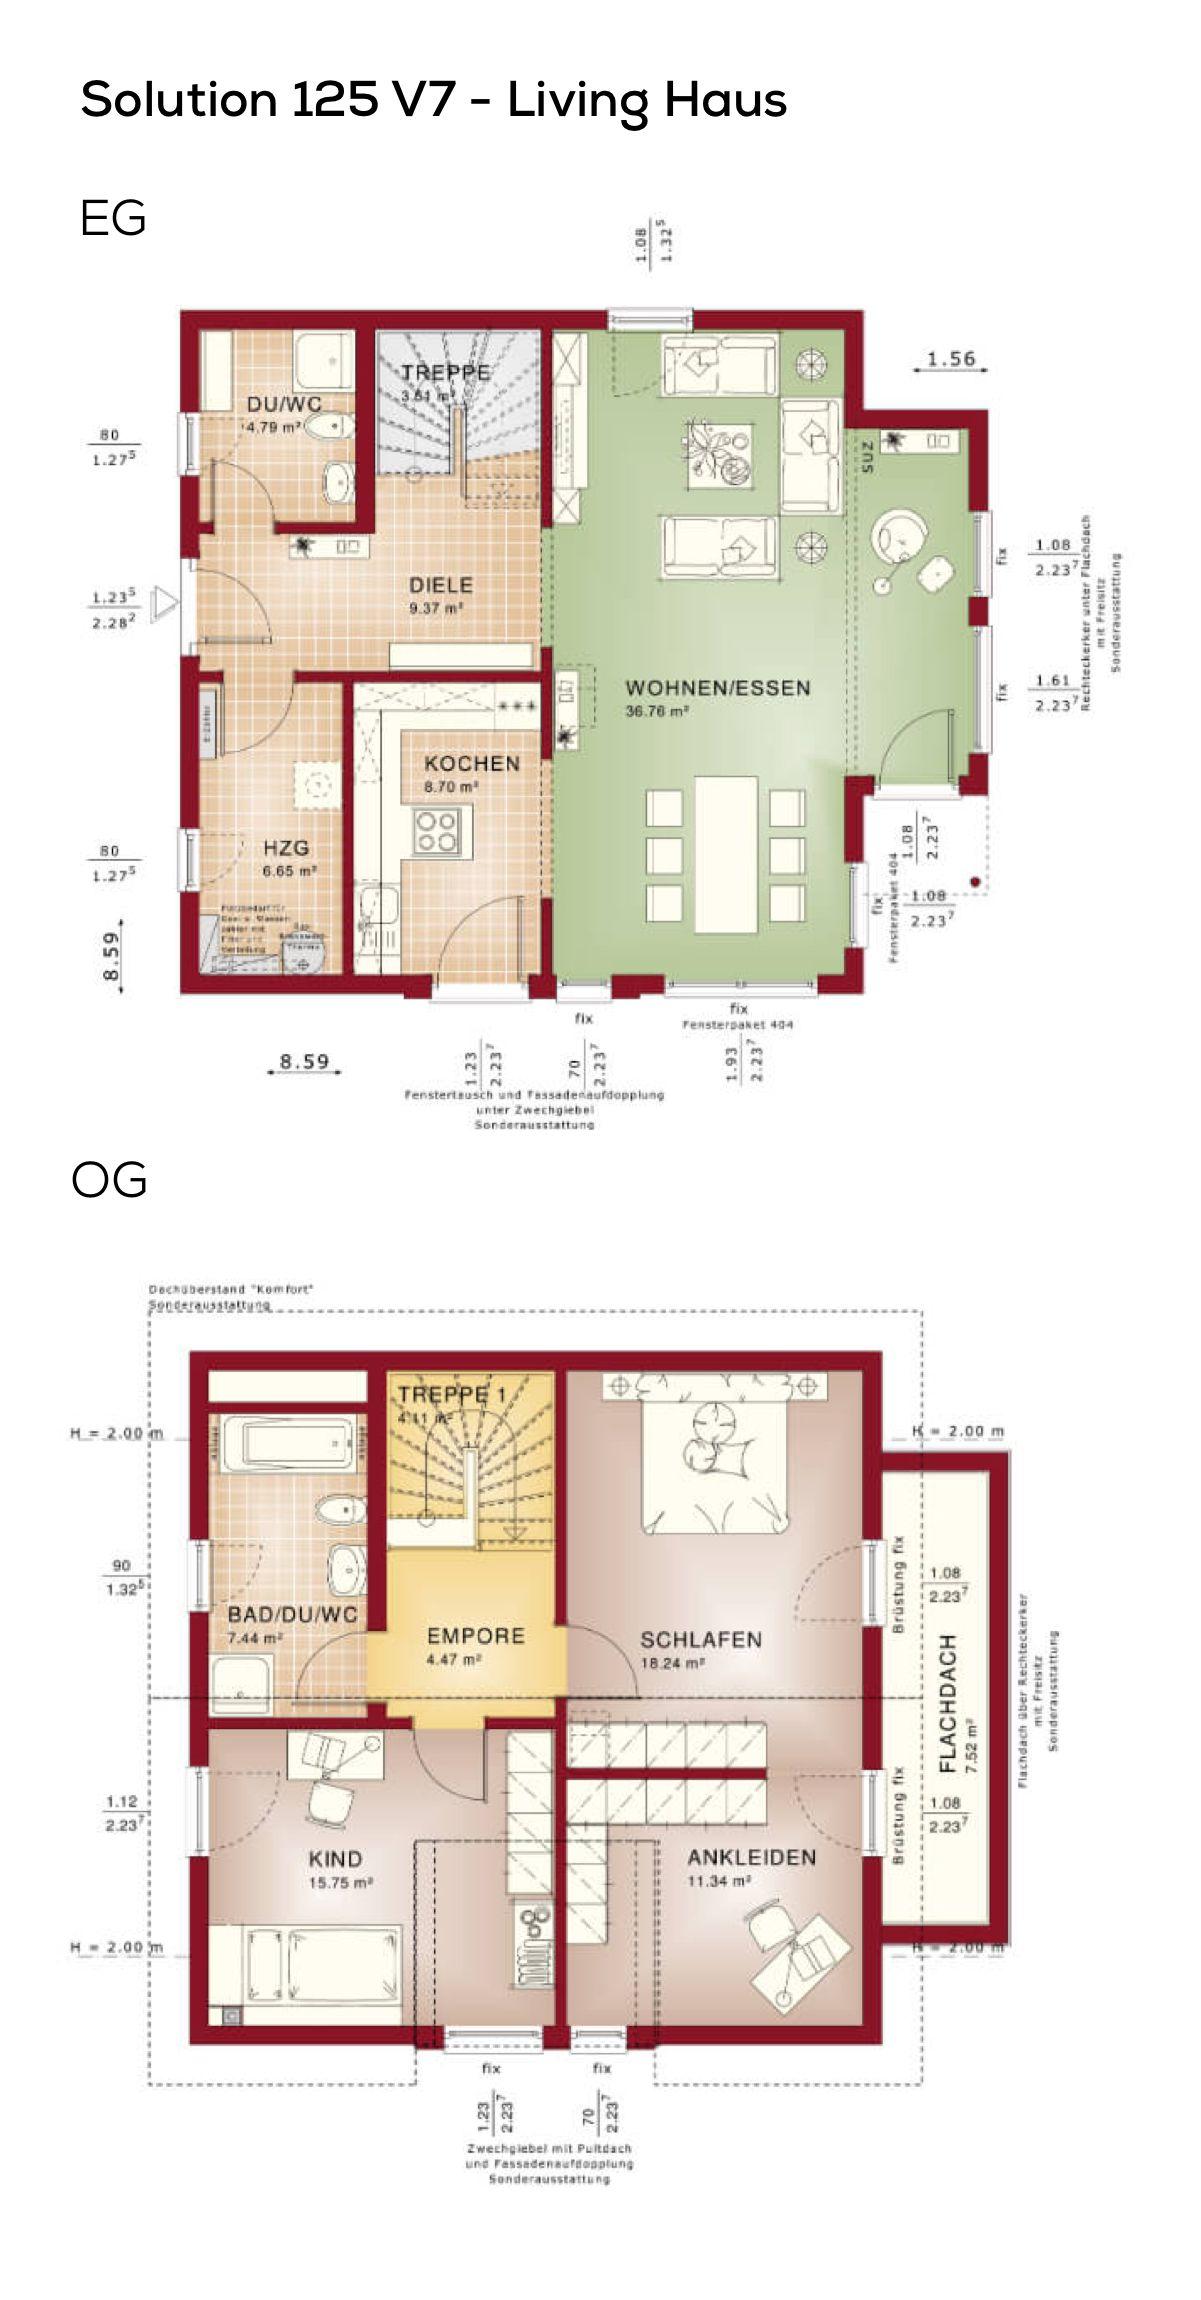 Grundriss Einfamilienhaus modern mit Satteldach - 3 Zimmer, 124 qm ...